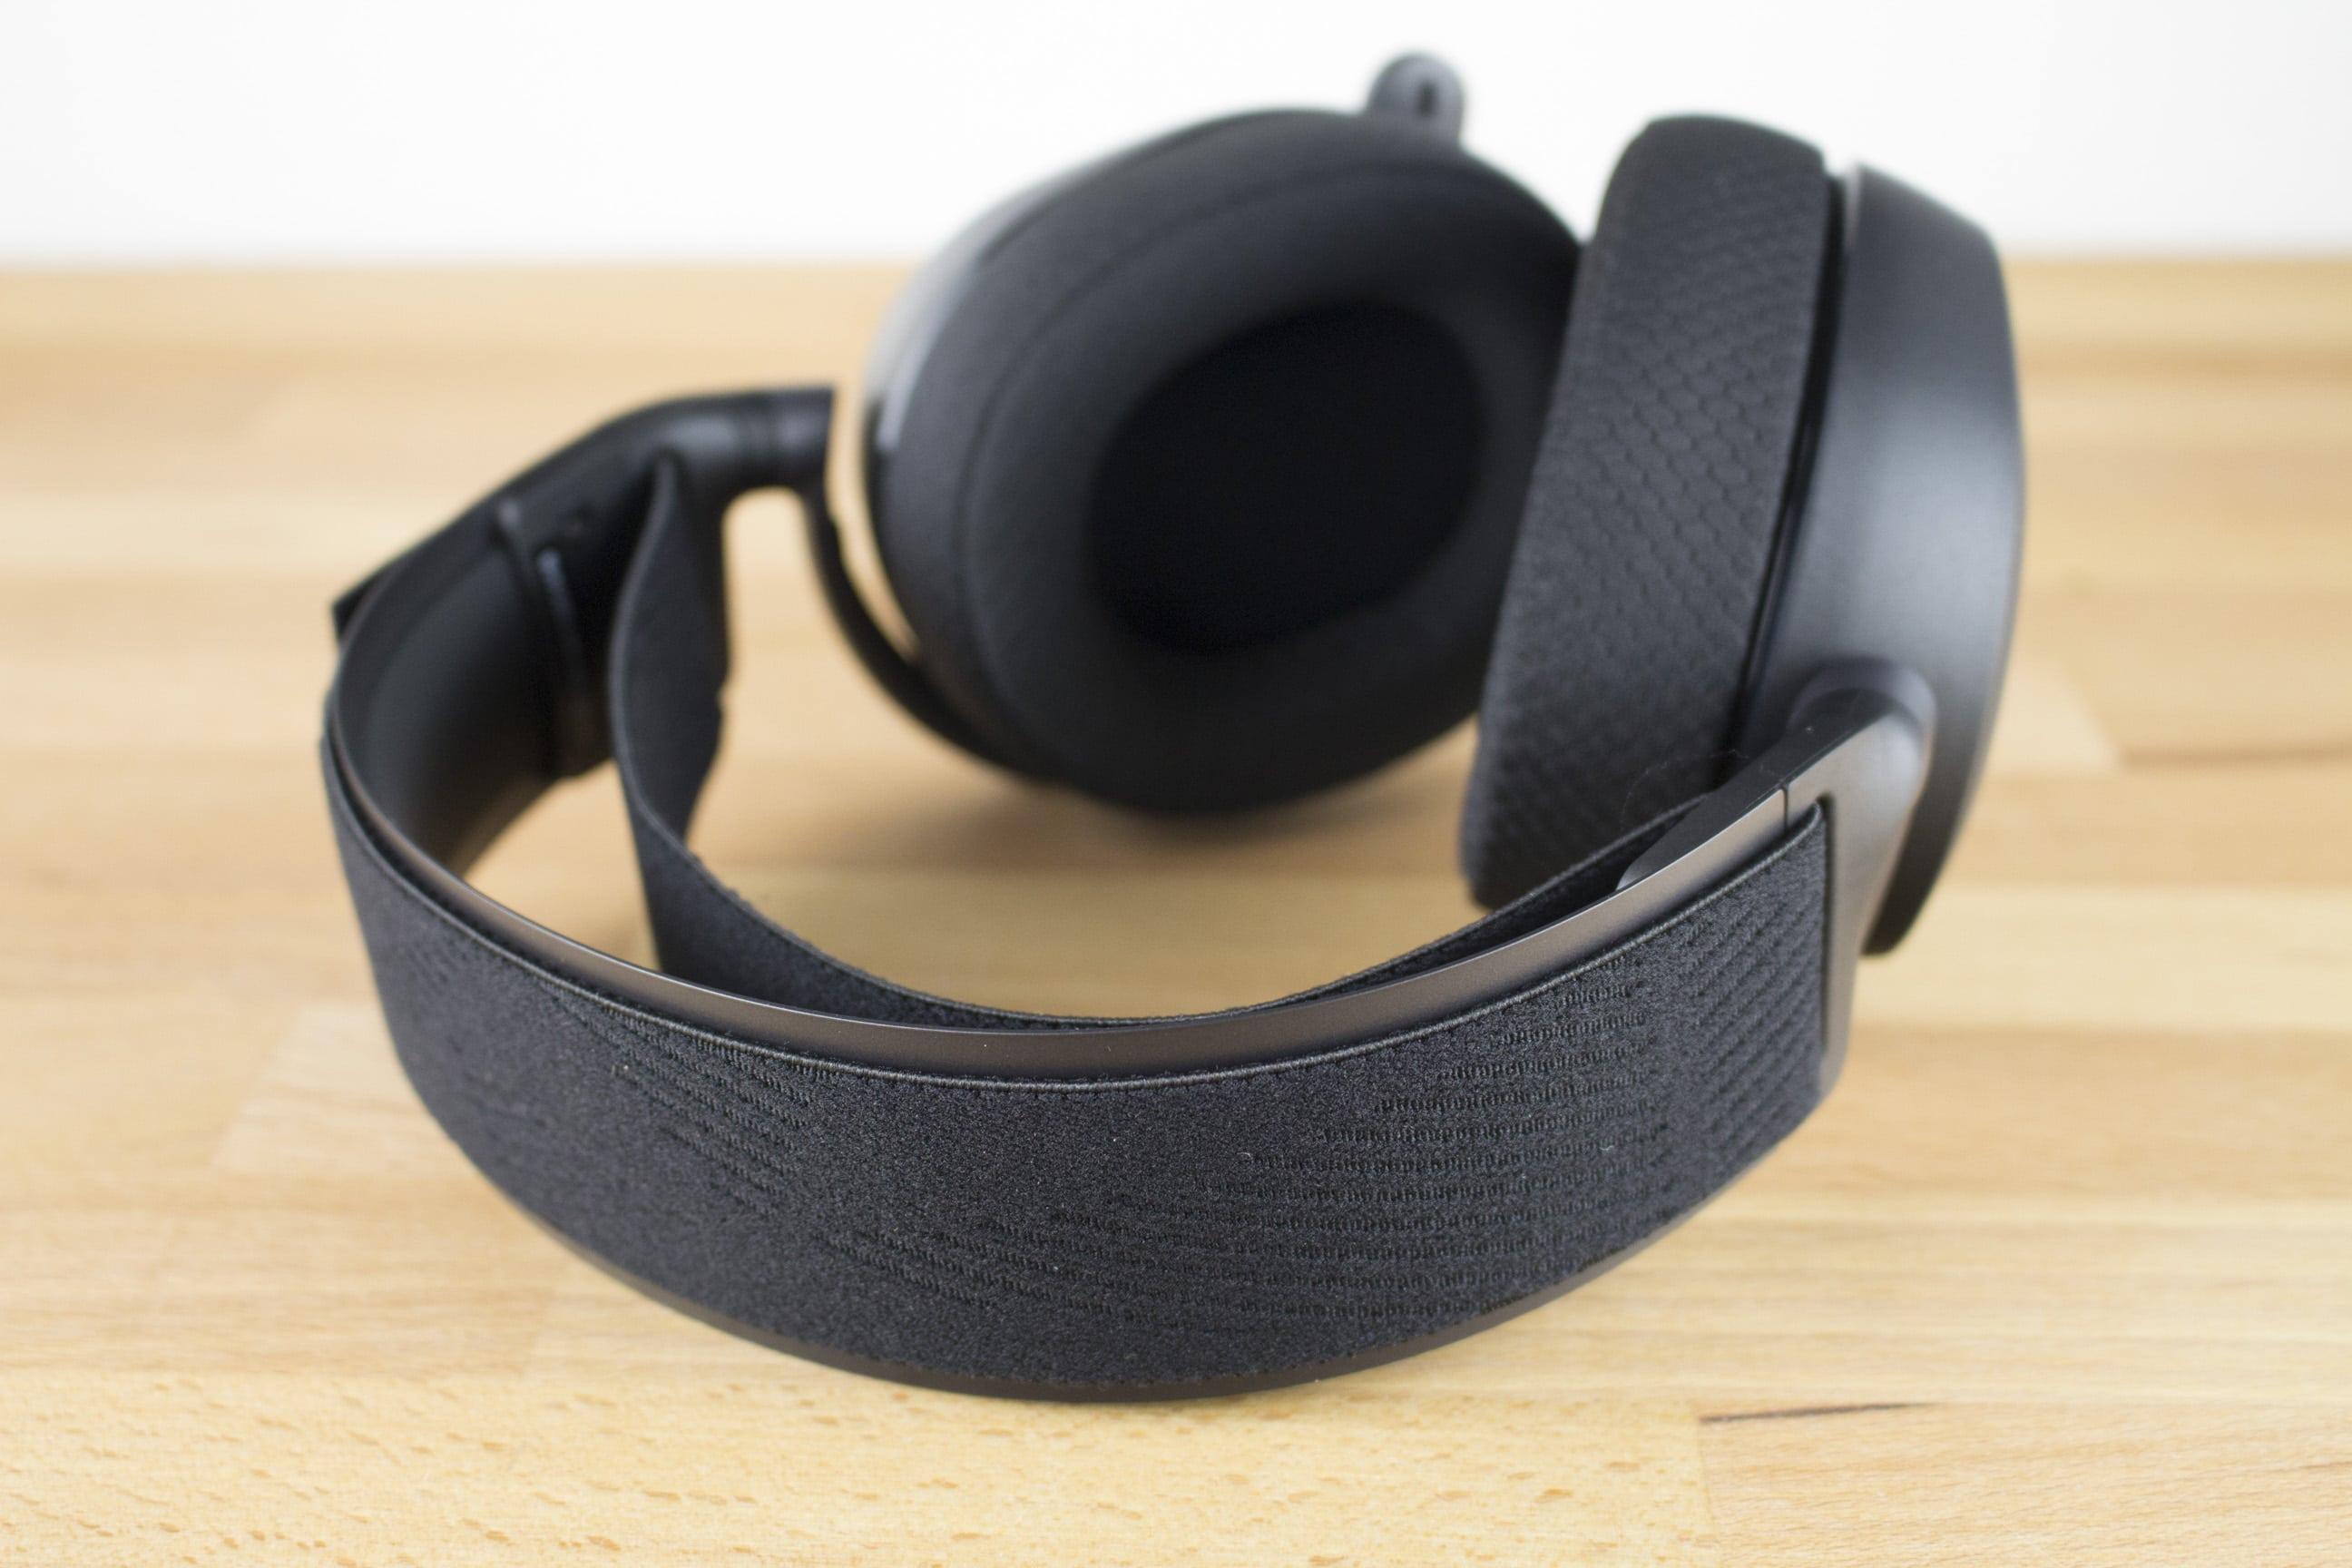 SteelSeries Arctis Pro Gaming-Headset im Test | Seite 2 von 4